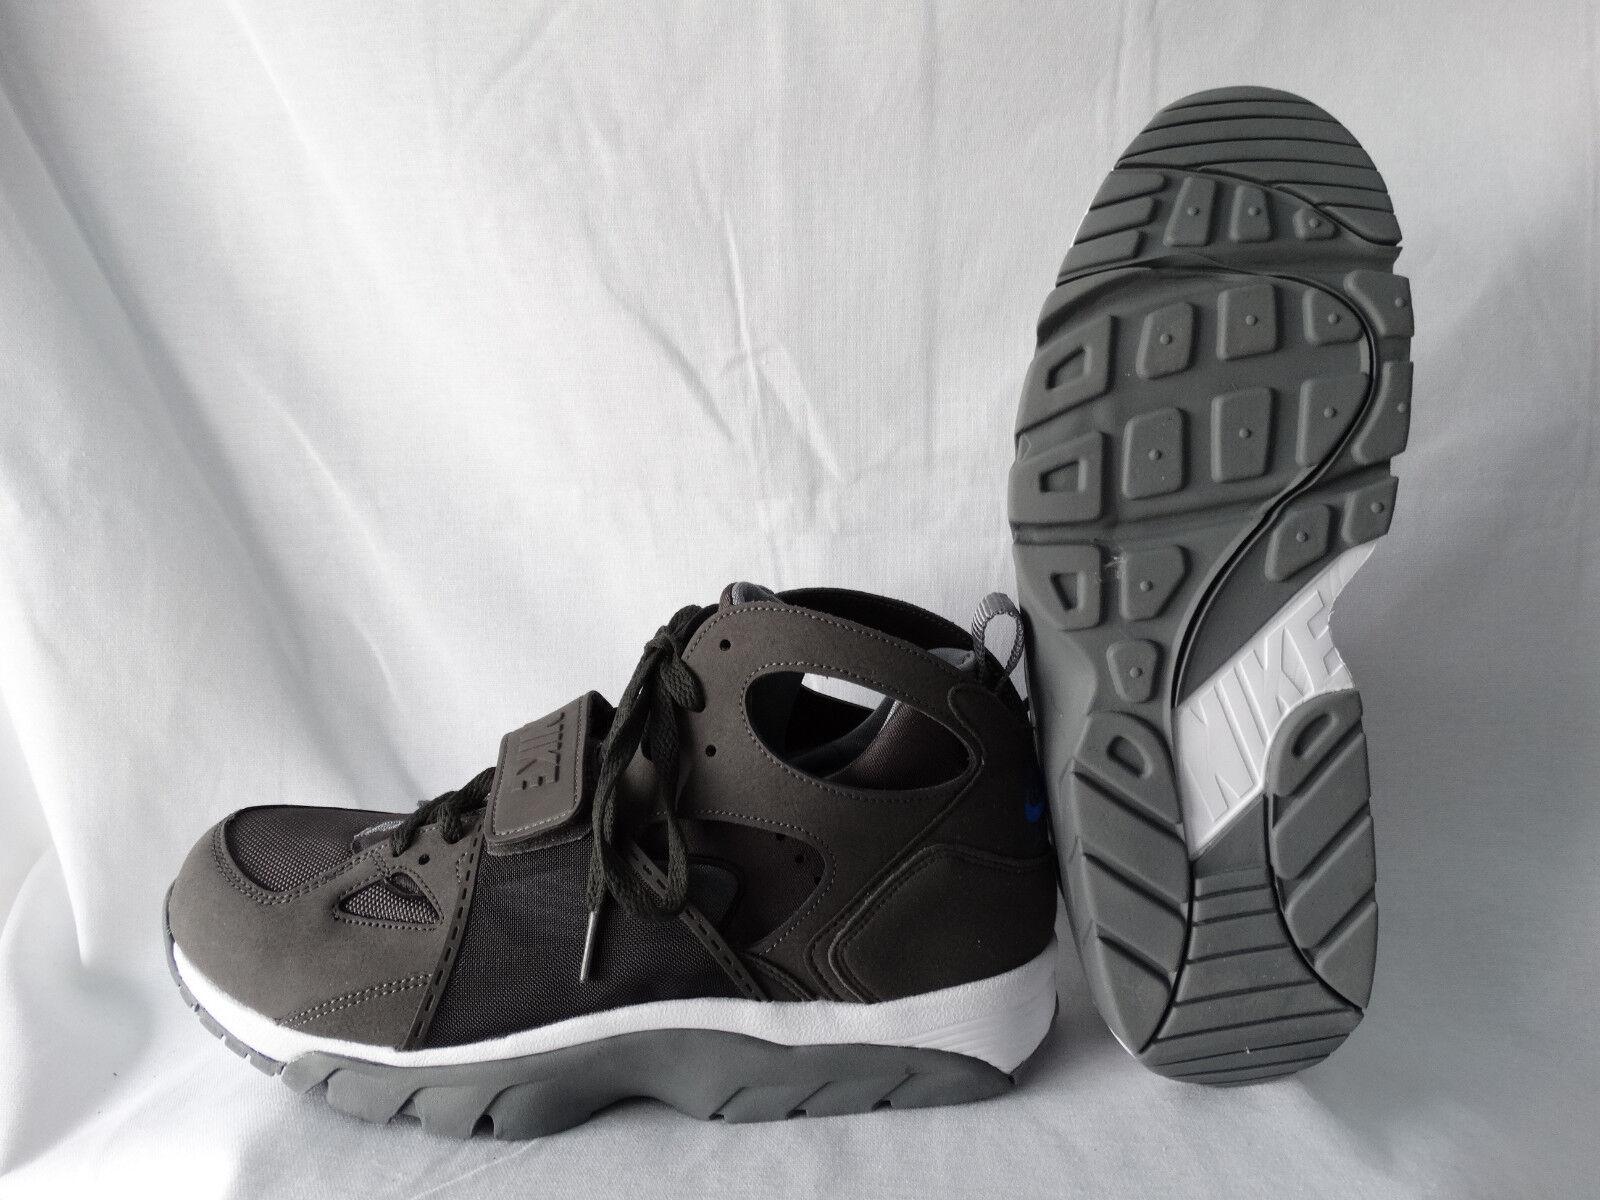 Nike Air Trainer Huarache High Top Sneaker grau-weiß EU 44 US 10